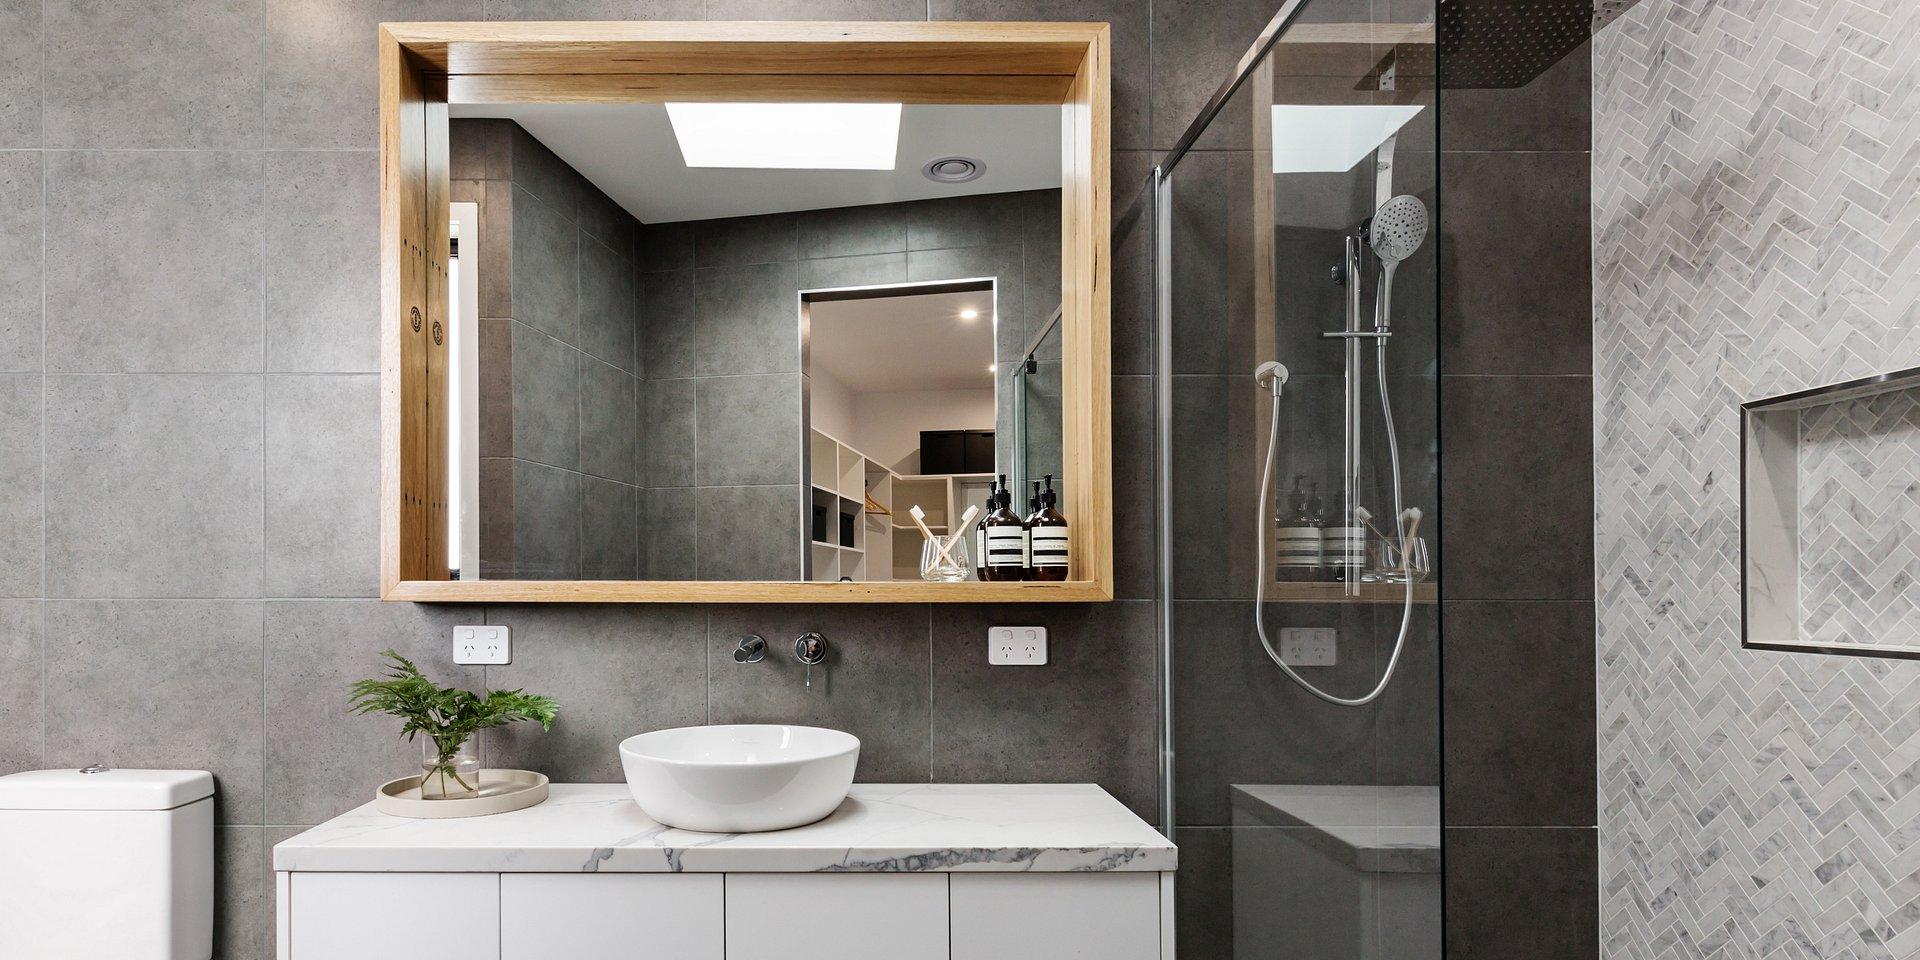 Nowoczesna łazienka z laminatami kompaktowymi